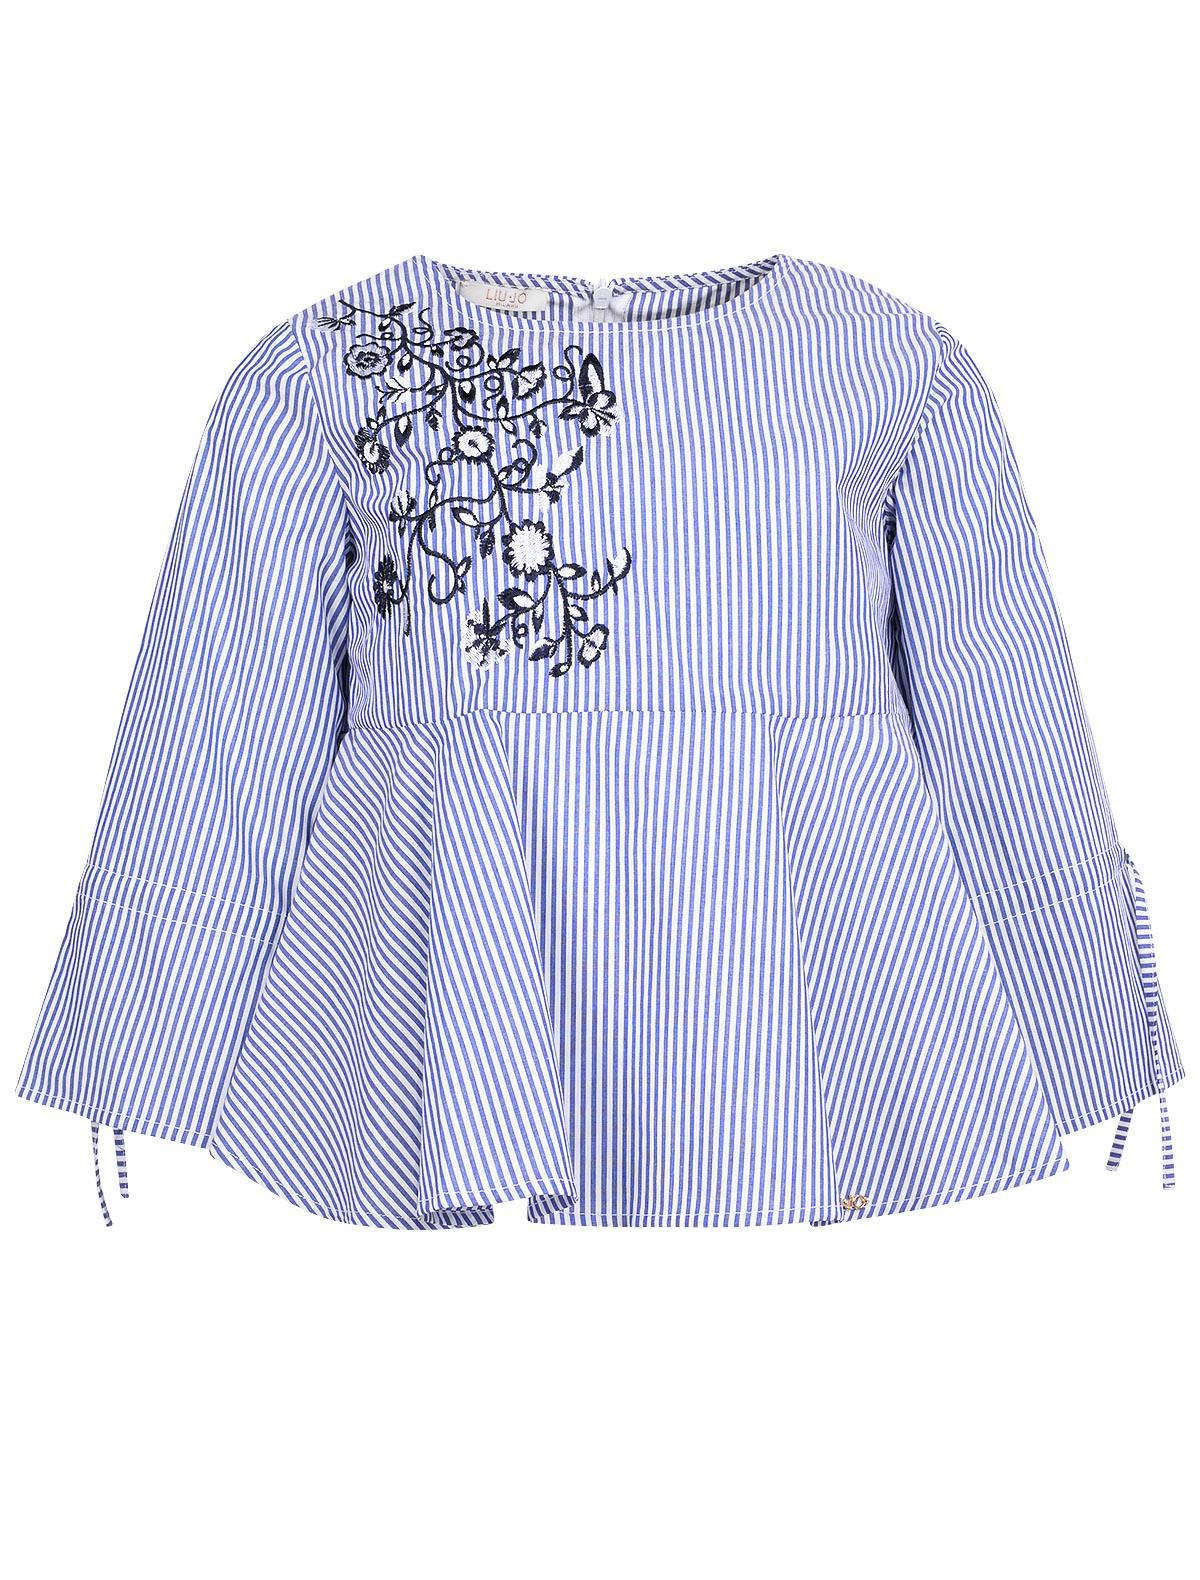 1865065, Блуза Liu Jo Junior, синий, Женский, 1031409870177  - купить со скидкой